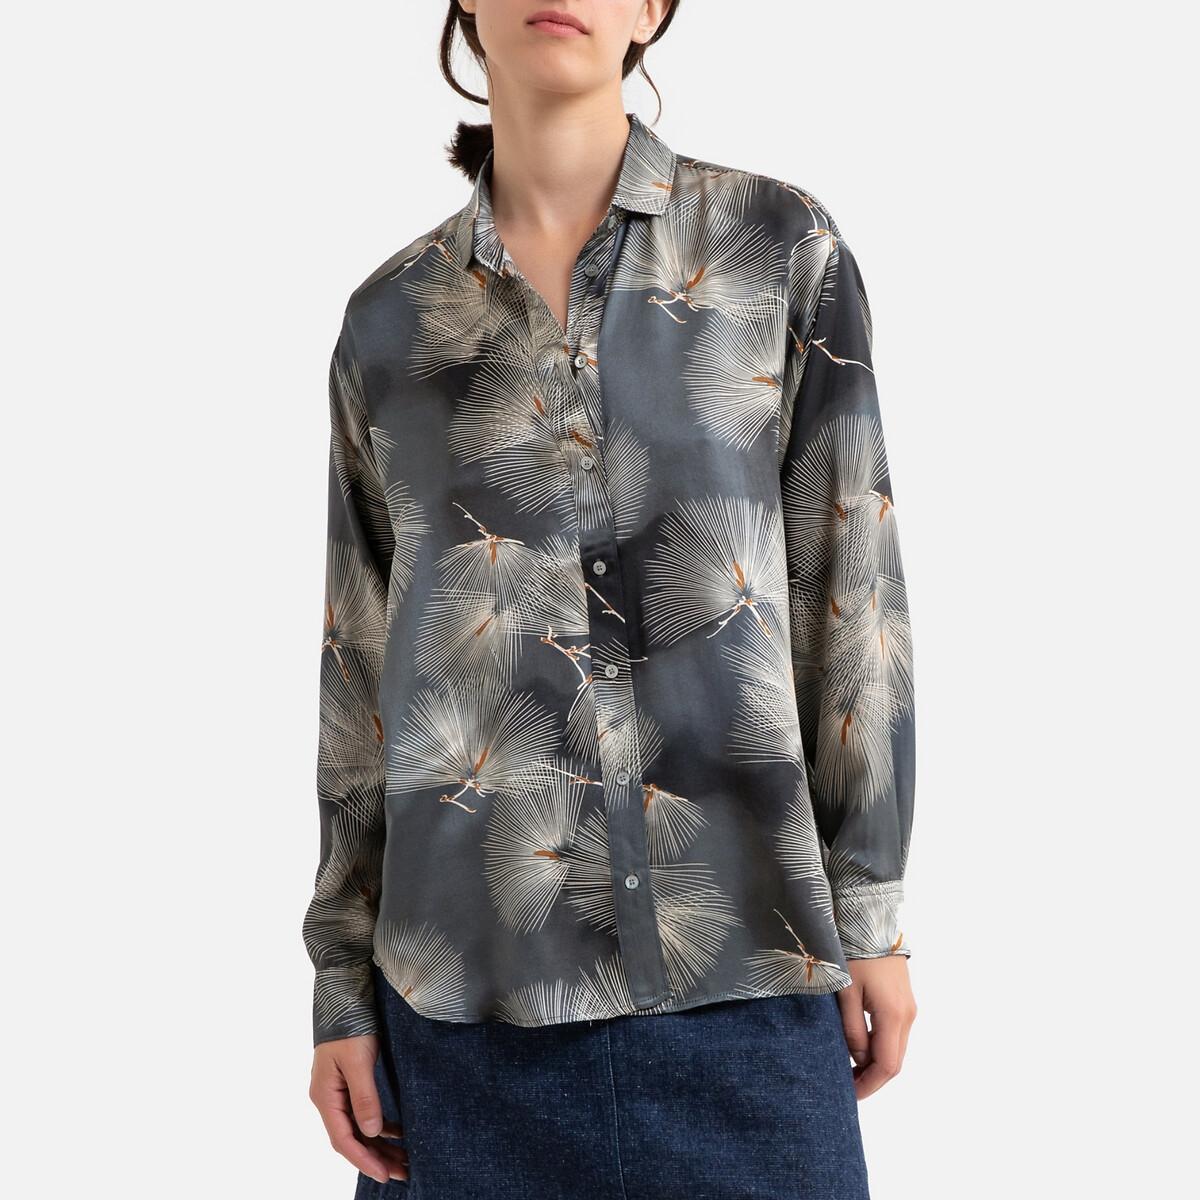 Фото - Блузка LaRedoute С рисунком и длинными рукавами CHARLOT 2(M) синий блузка с рисунком и длинными рукавами для периода беременности